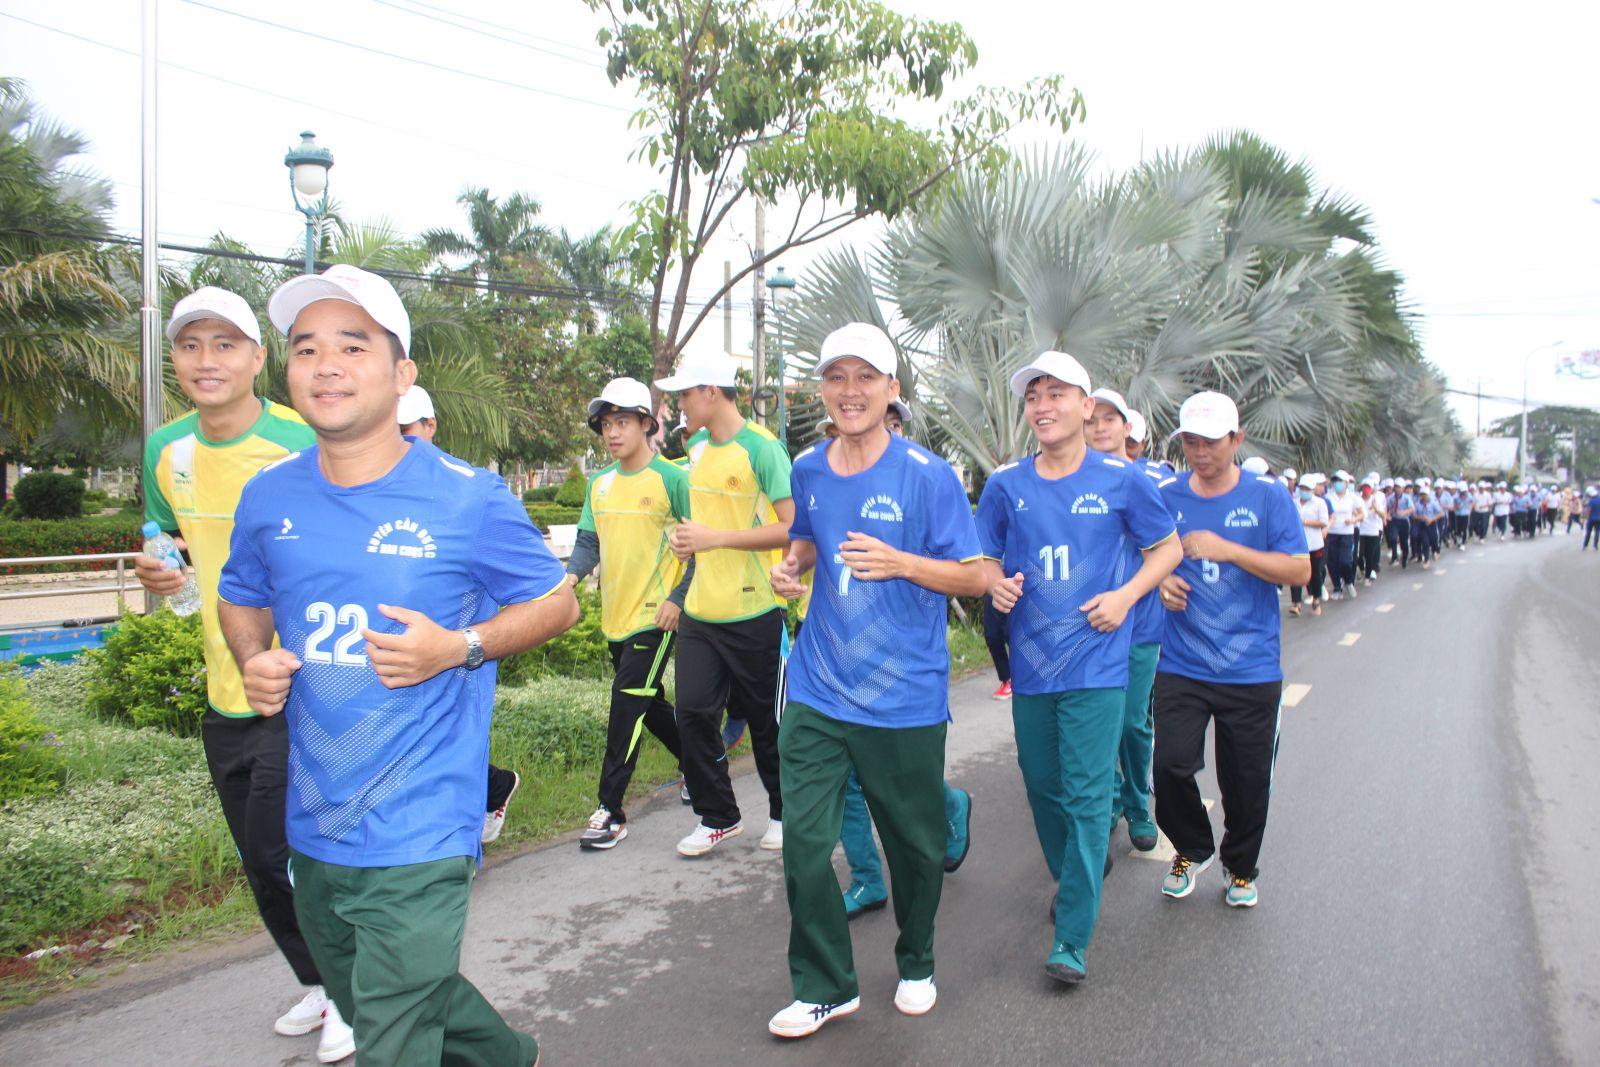 Môn bóng đá được nhiều đoàn viên, thanh niên lựa chọn Hiện nay, phong trào thể dục - thể thao trong đoàn viên, thanh niên phát triển mạnh